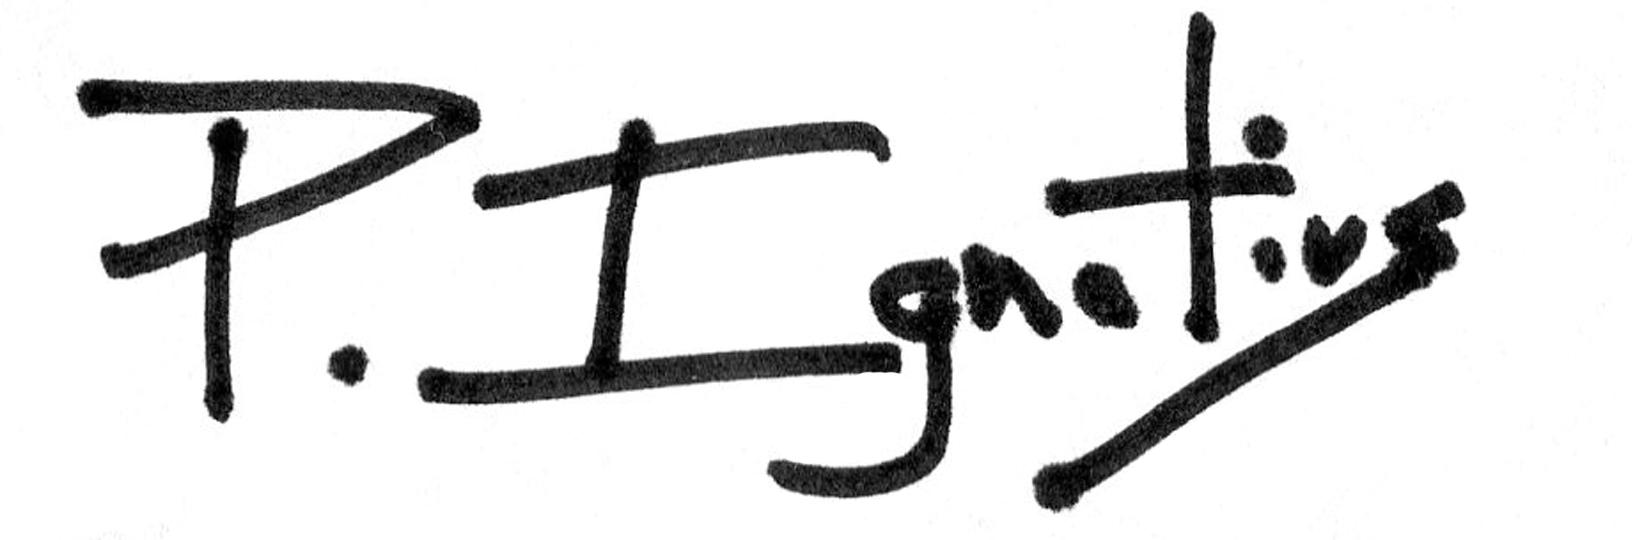 Peter Ignatius's Signature